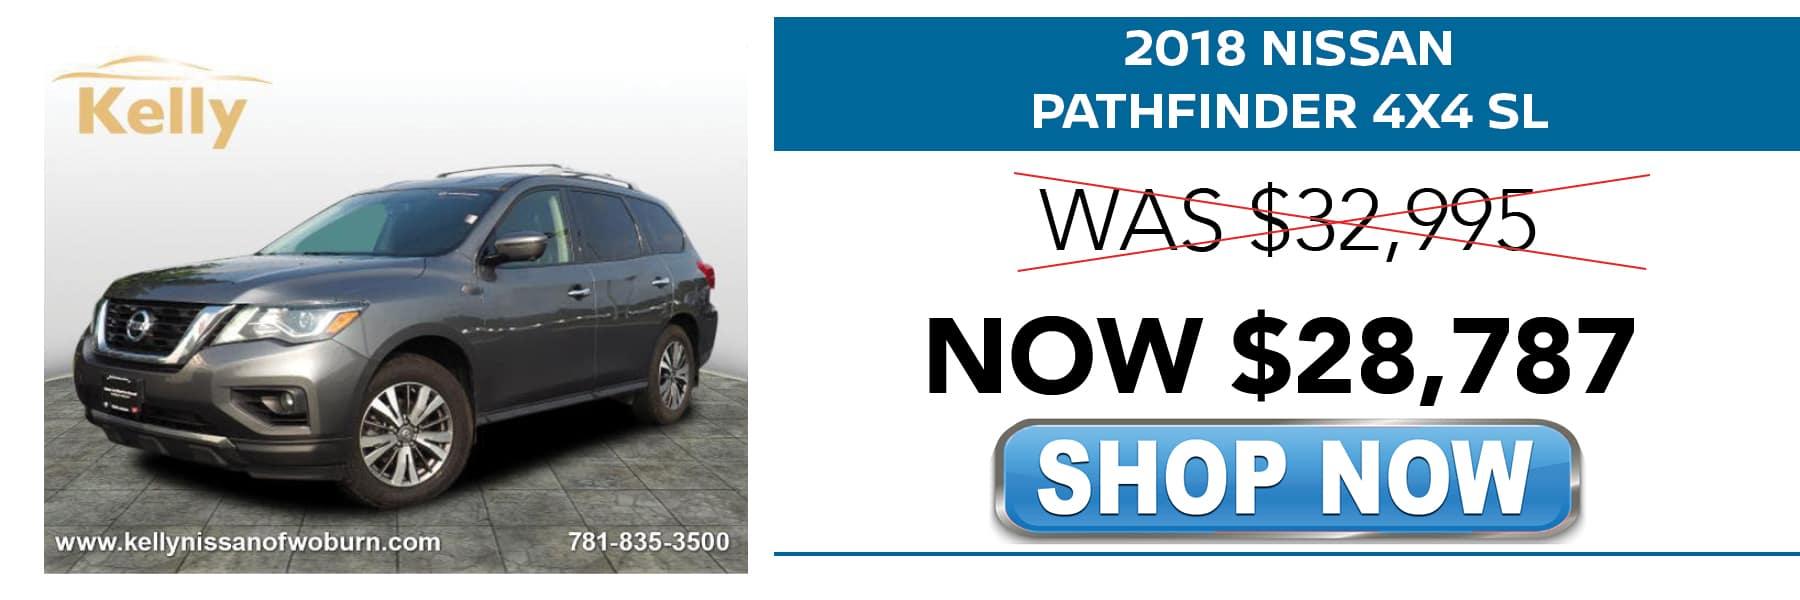 2018 Nissan Pathfinder SL Now $28,787